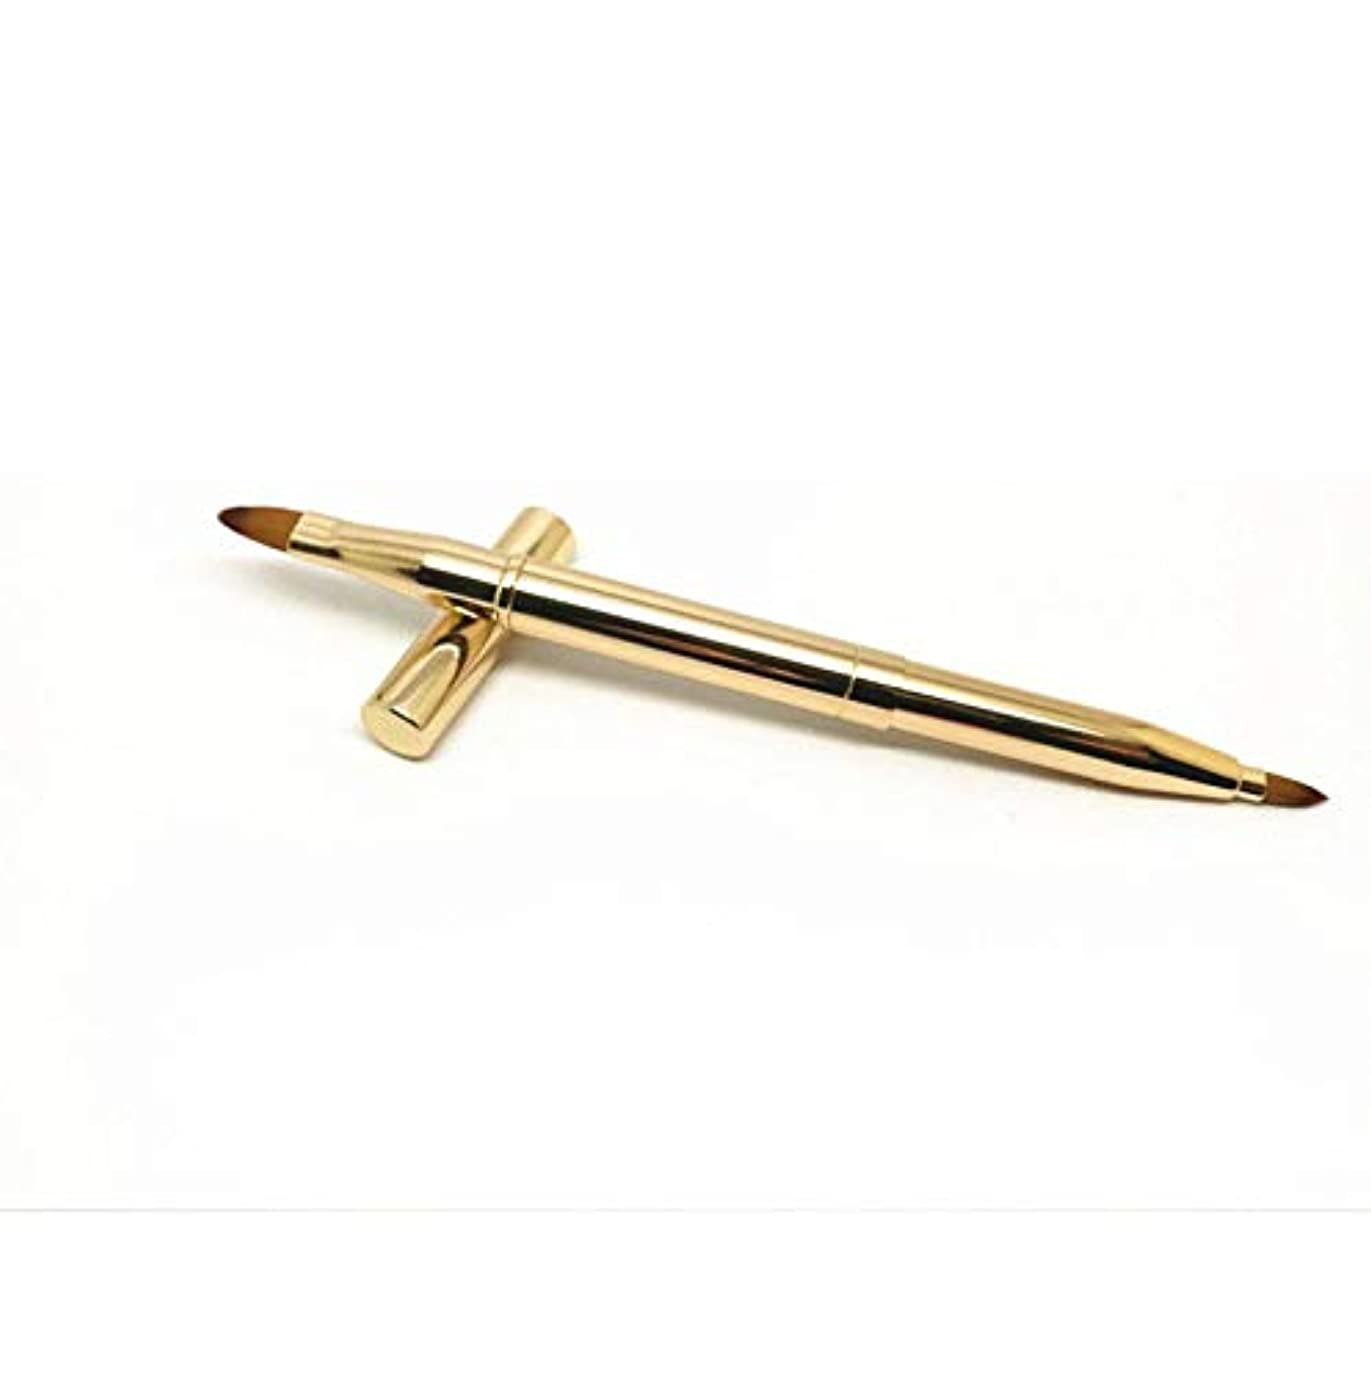 権限自由皿ダブルヘッド自動伸縮ブラシポータブルリップブラシメタルリップブラシ化粧ブラシゴールドリップペンシルツール